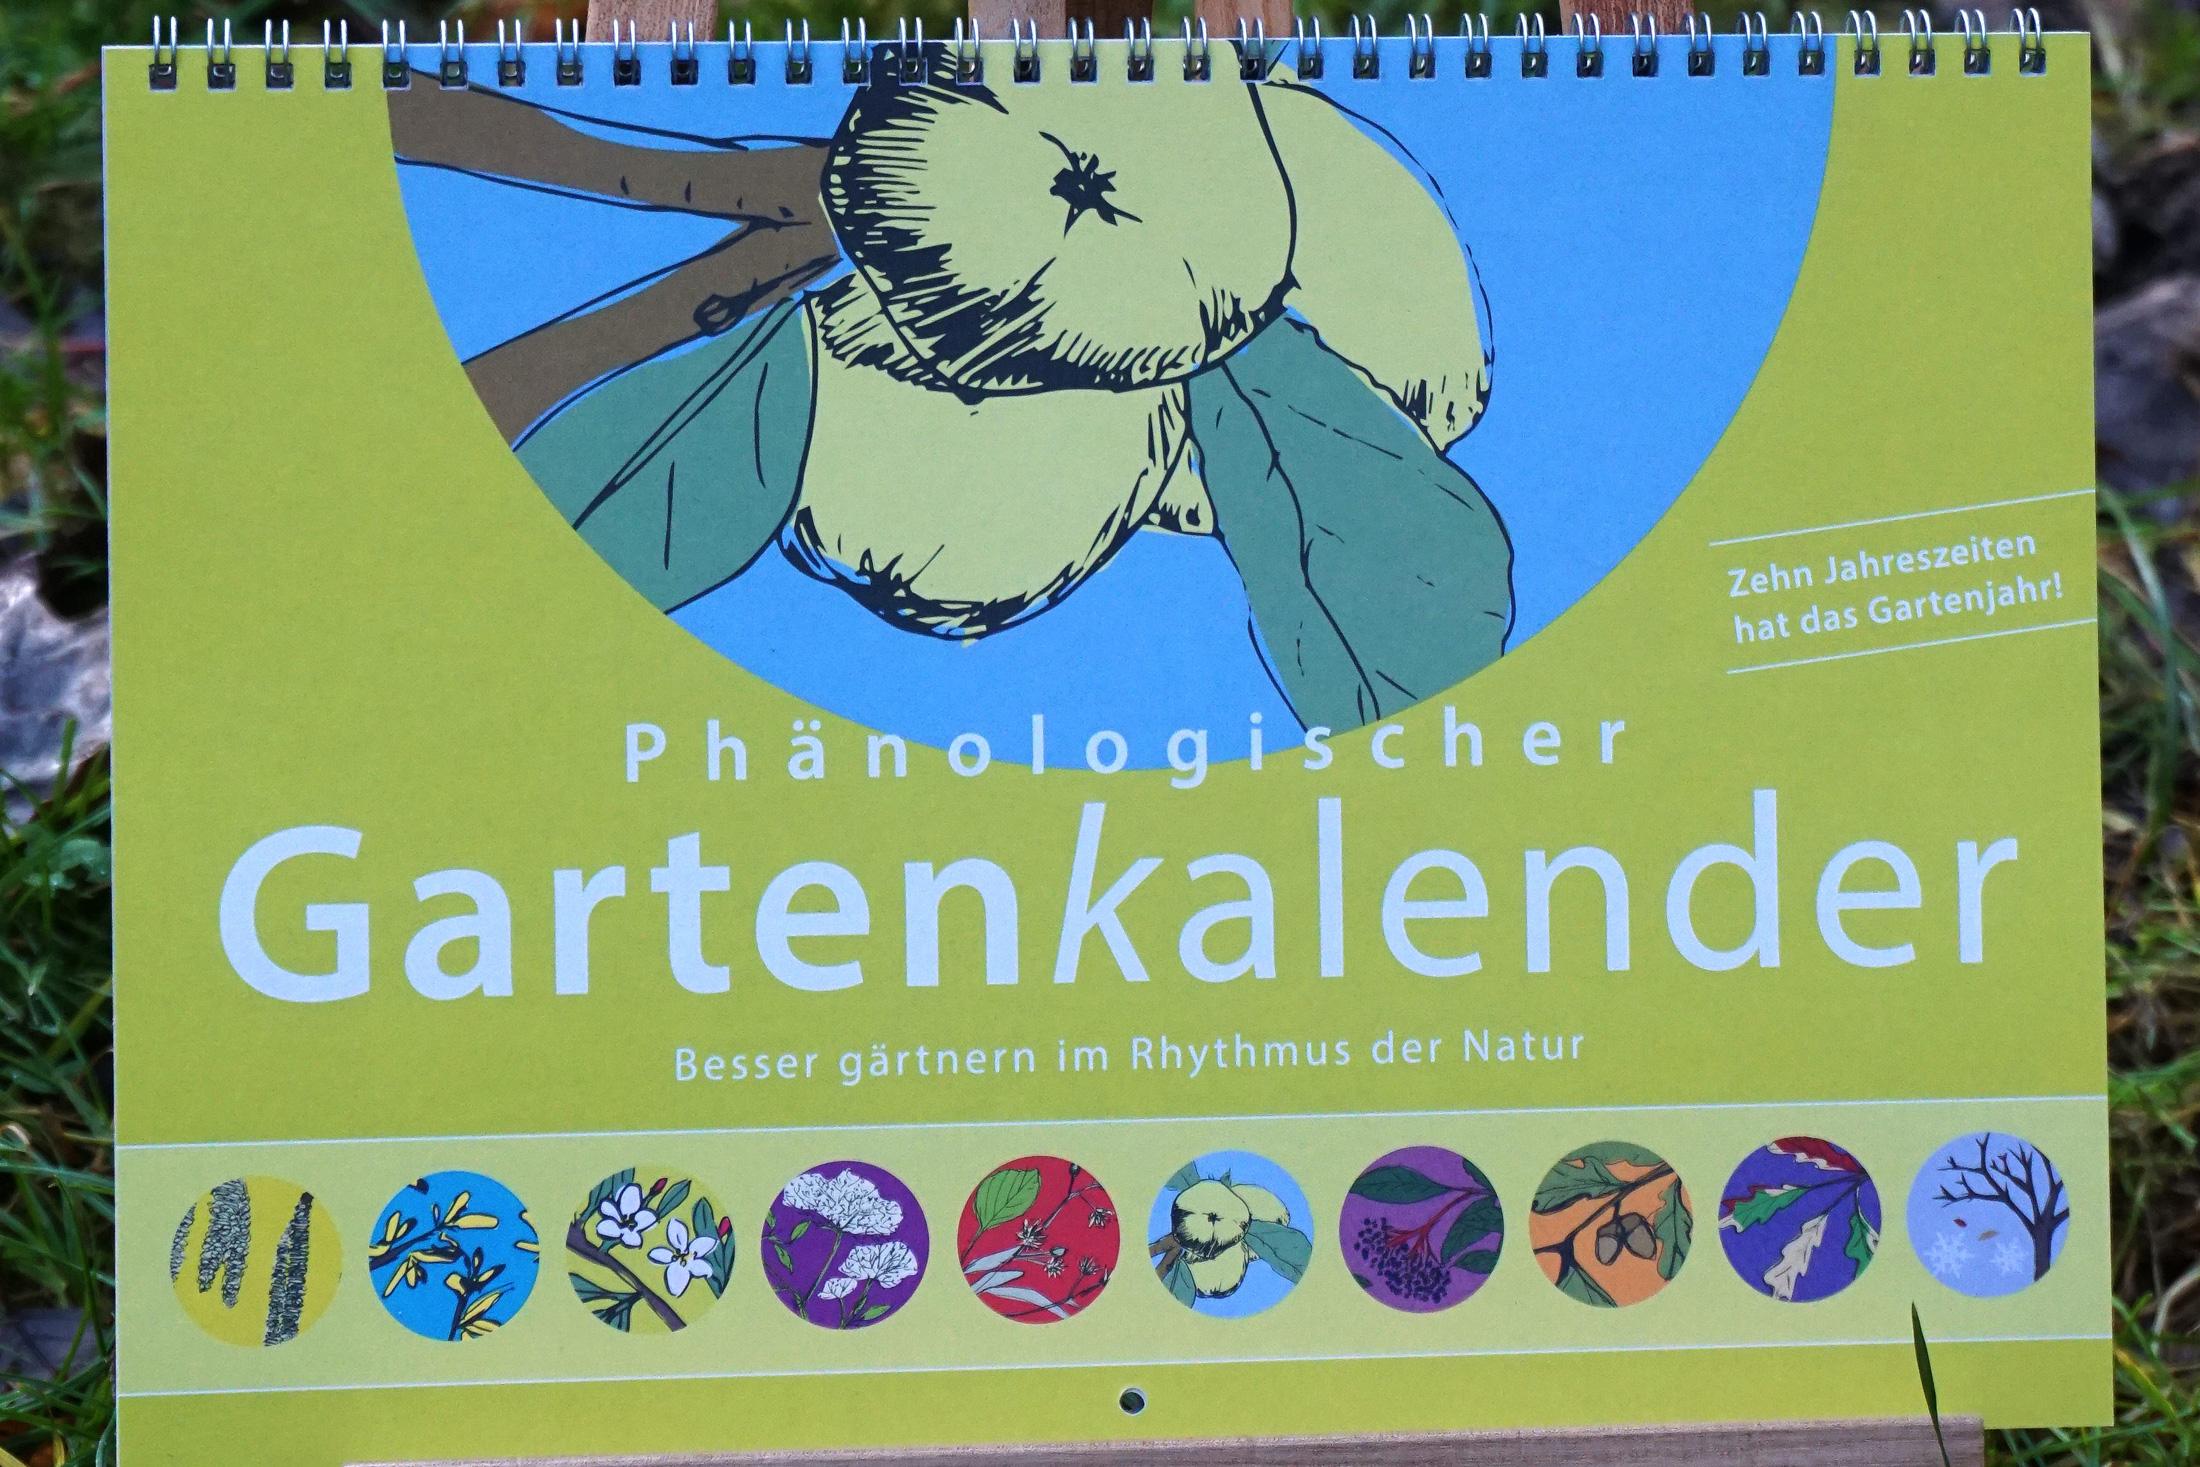 Neu: Unser Phänologischer Gartenkalender ist da